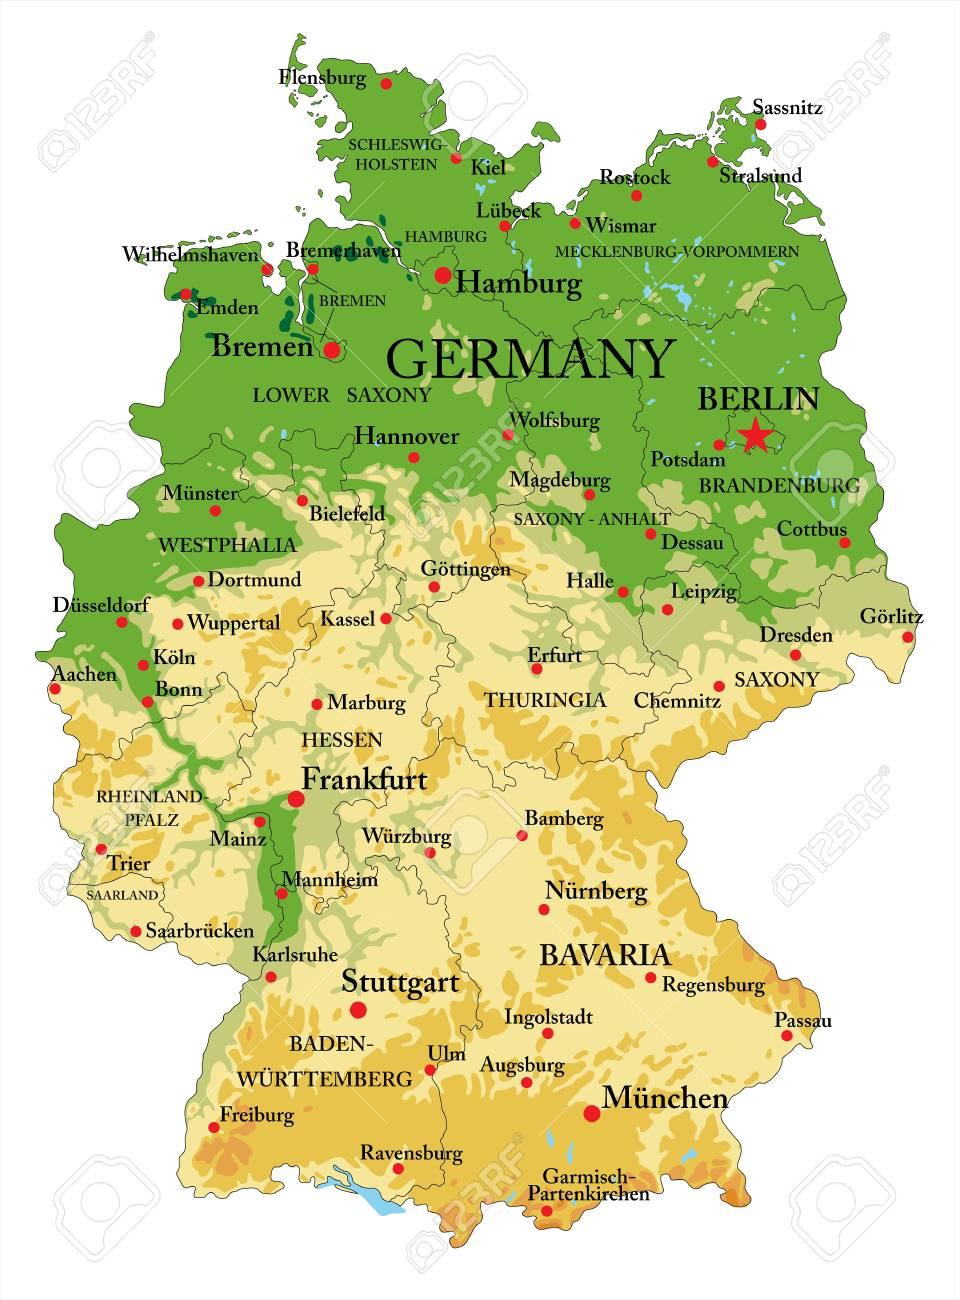 Zeer Gedetailleerde Fysieke Kaart Van Duitsland In Vectorformaat